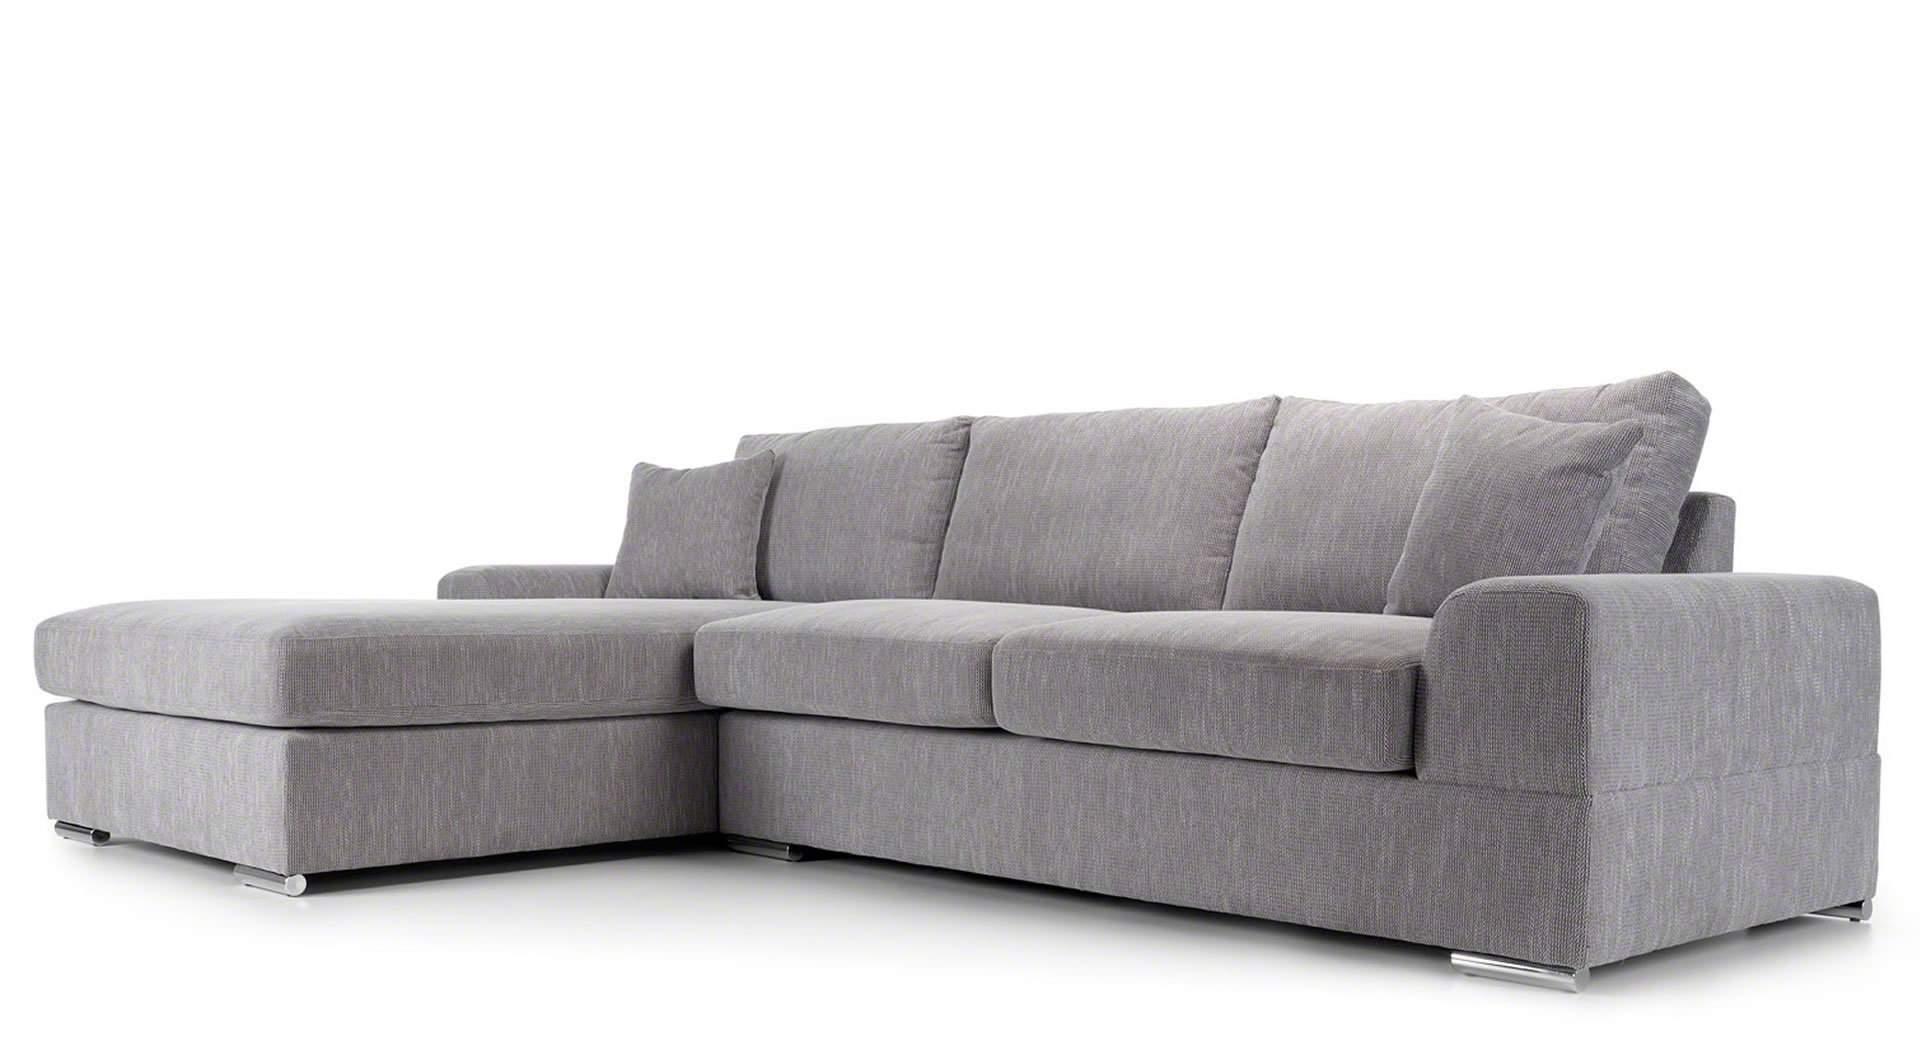 grey and white corner sofa small veda light mysmallspace